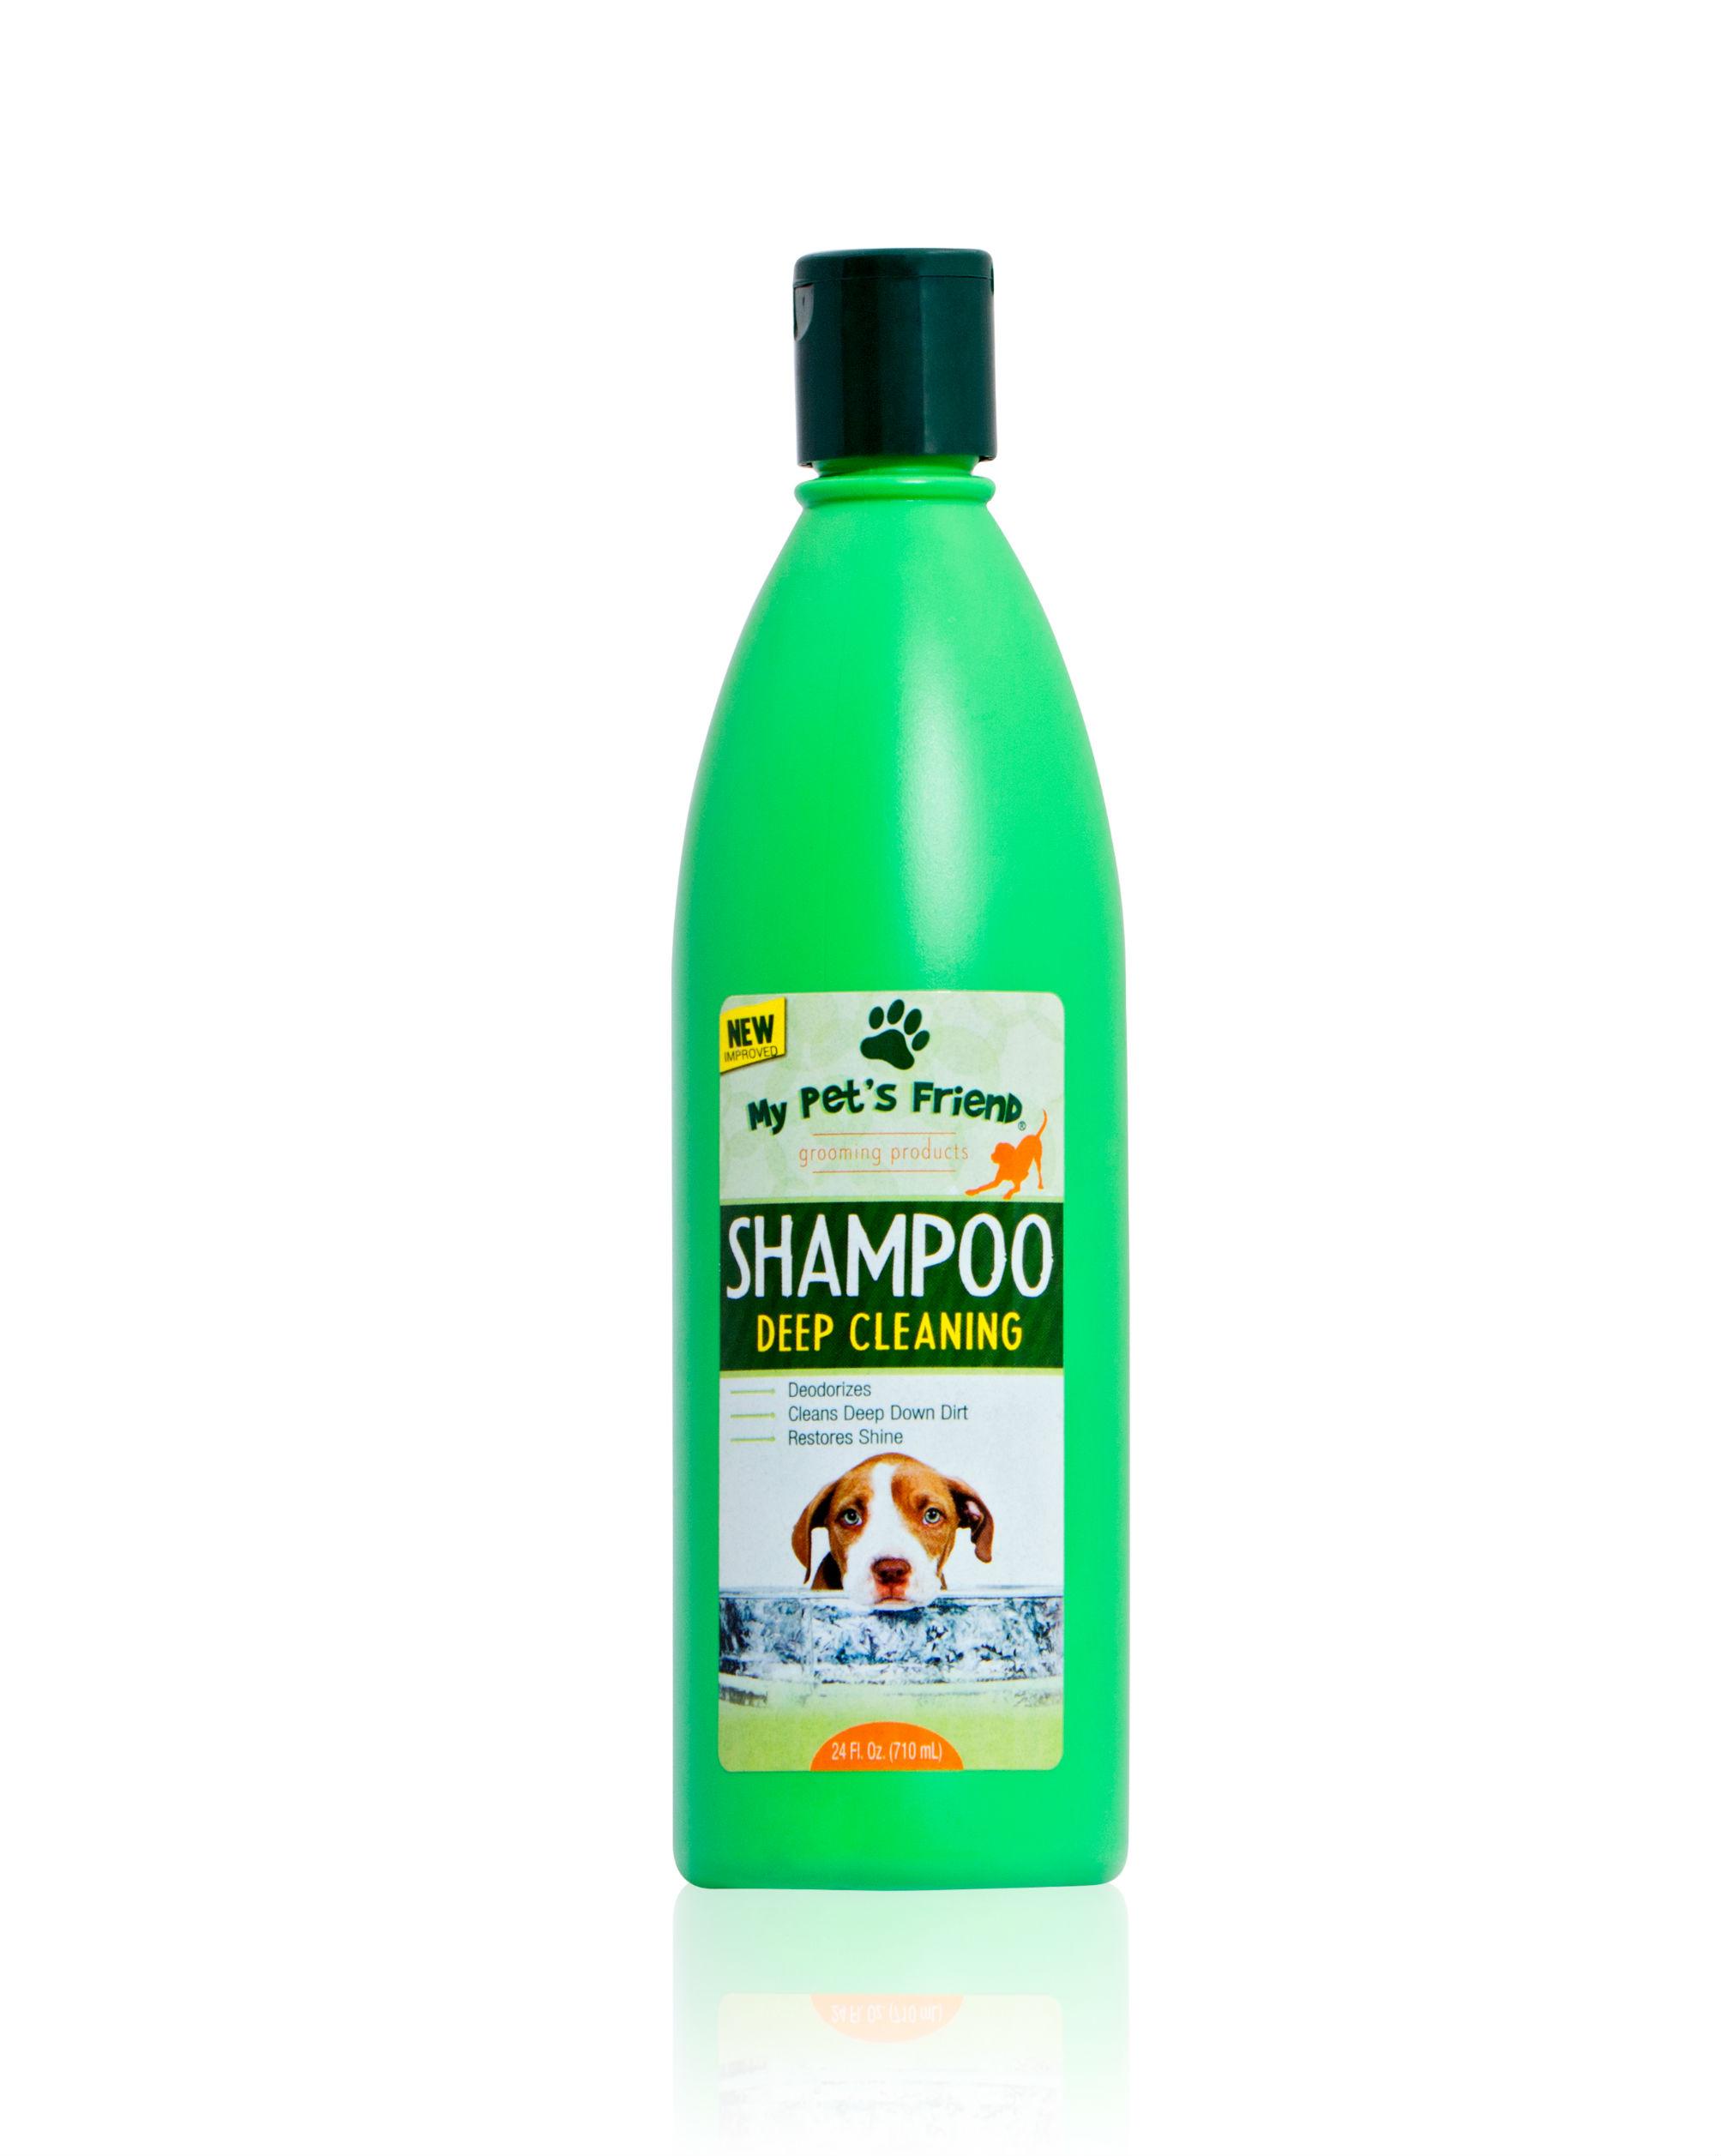 My Pets Friend Shampoo : friend, shampoo, Pets', Friend, Shampoo,, Totally, Awesome